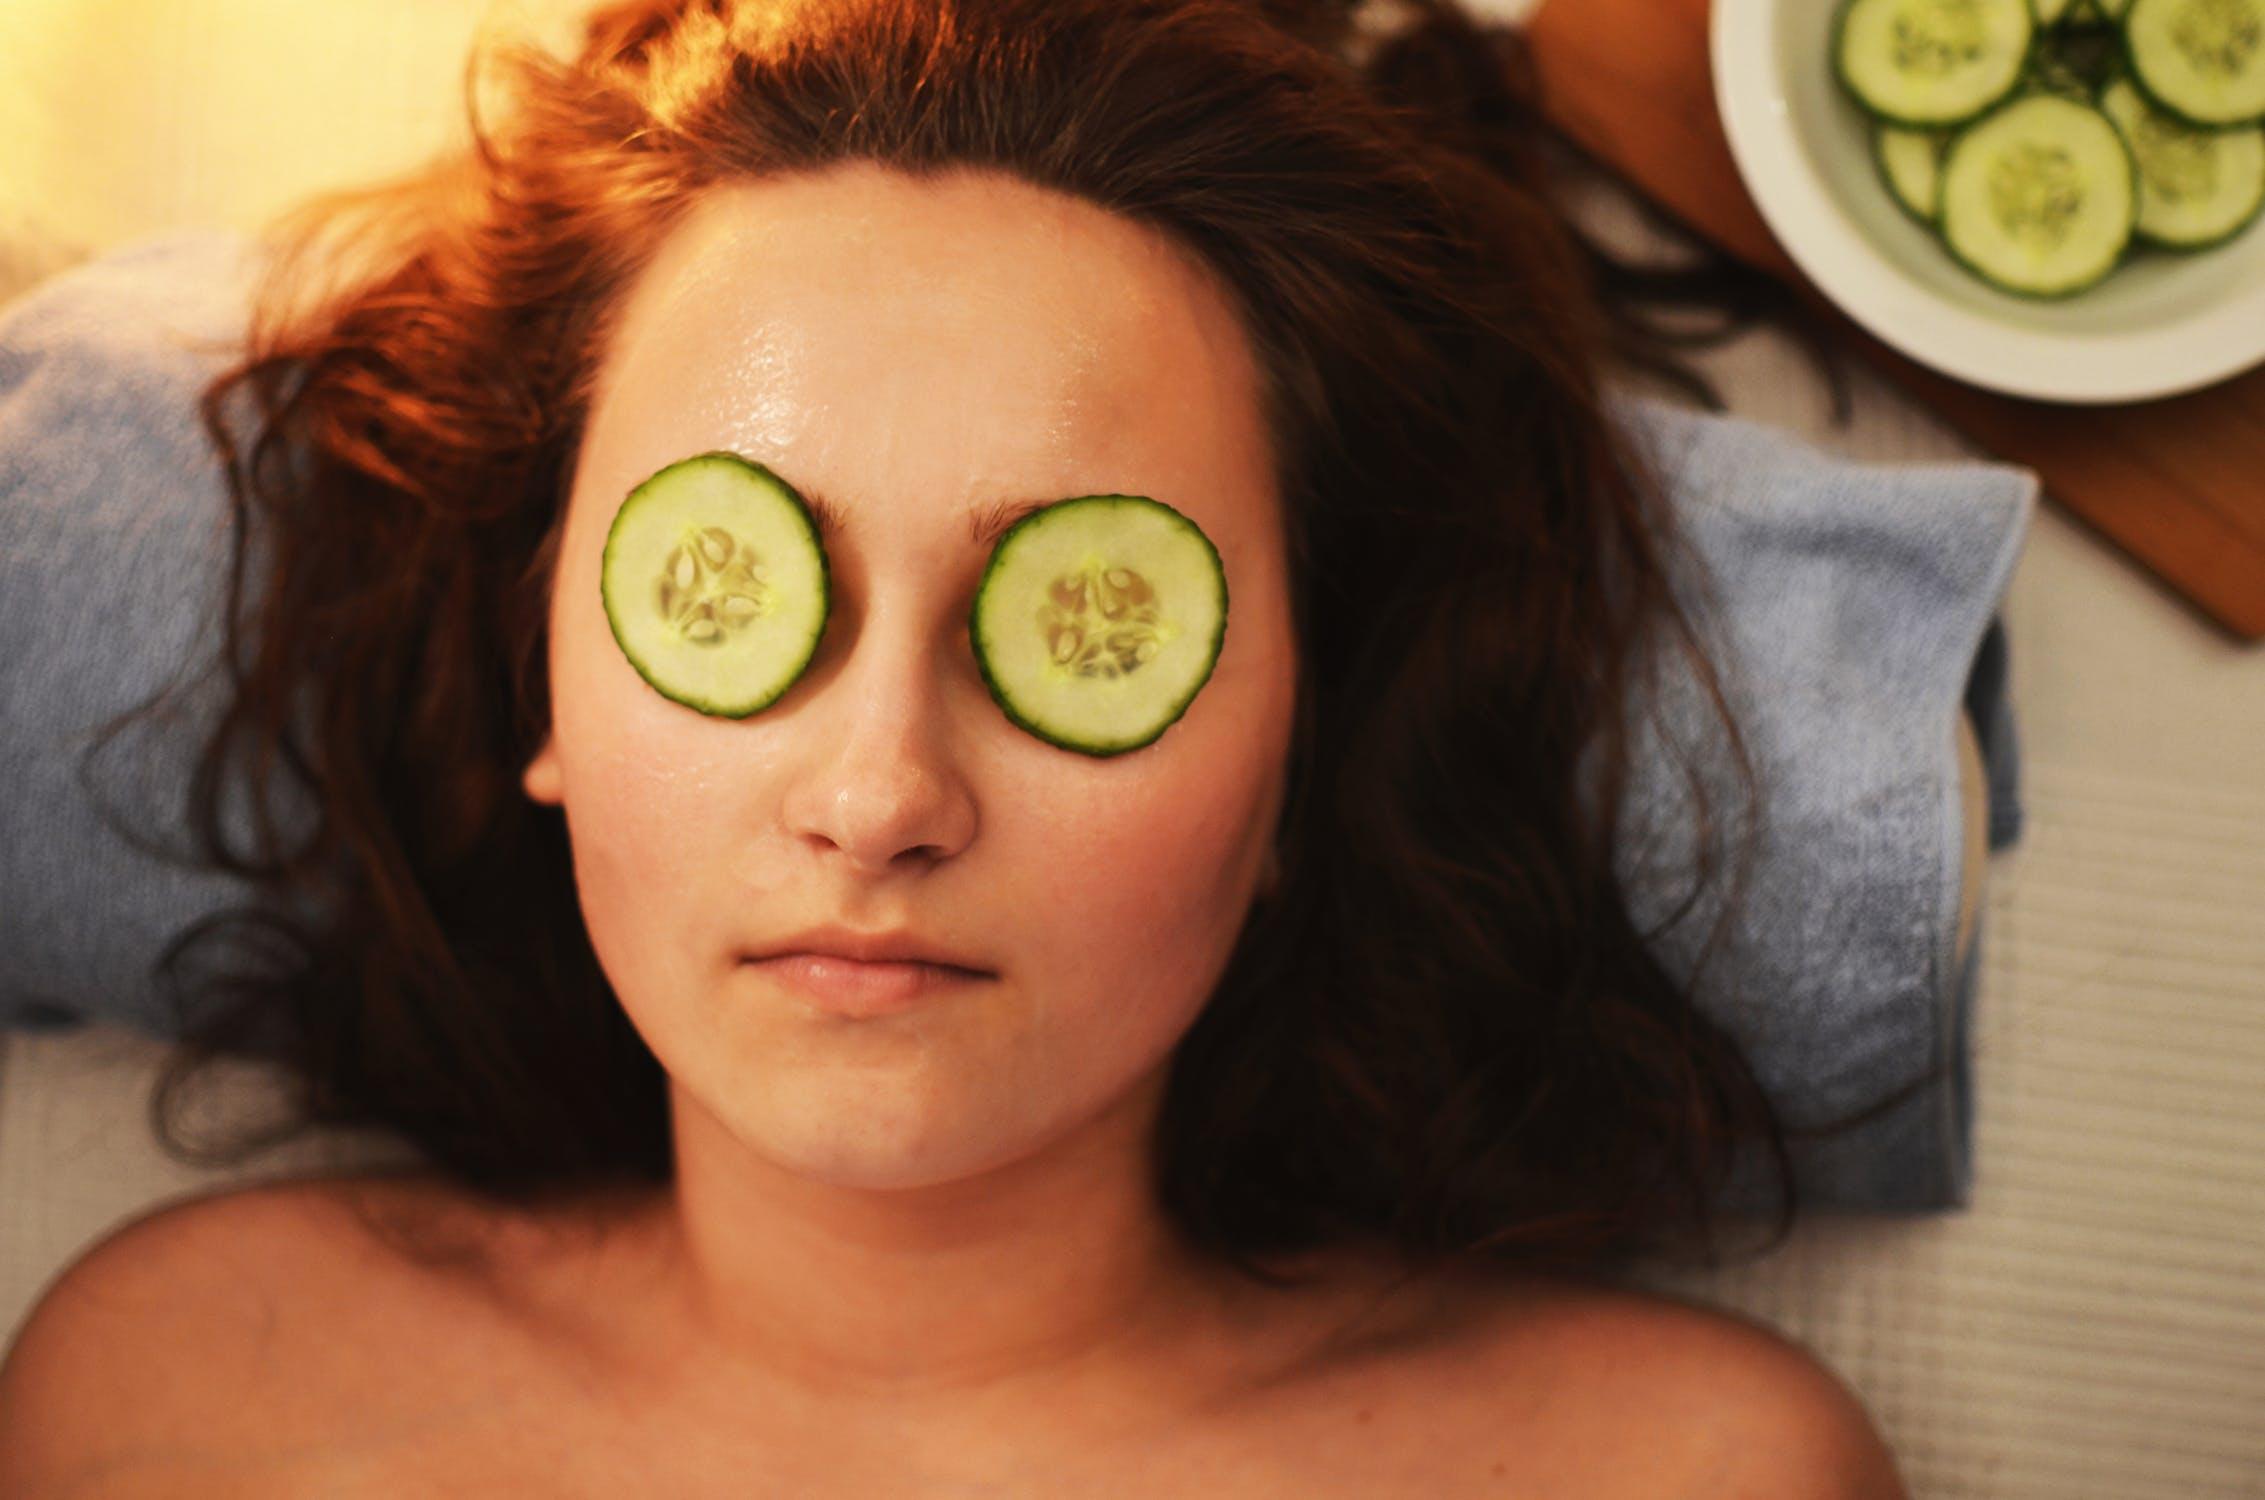 girl getting a facial